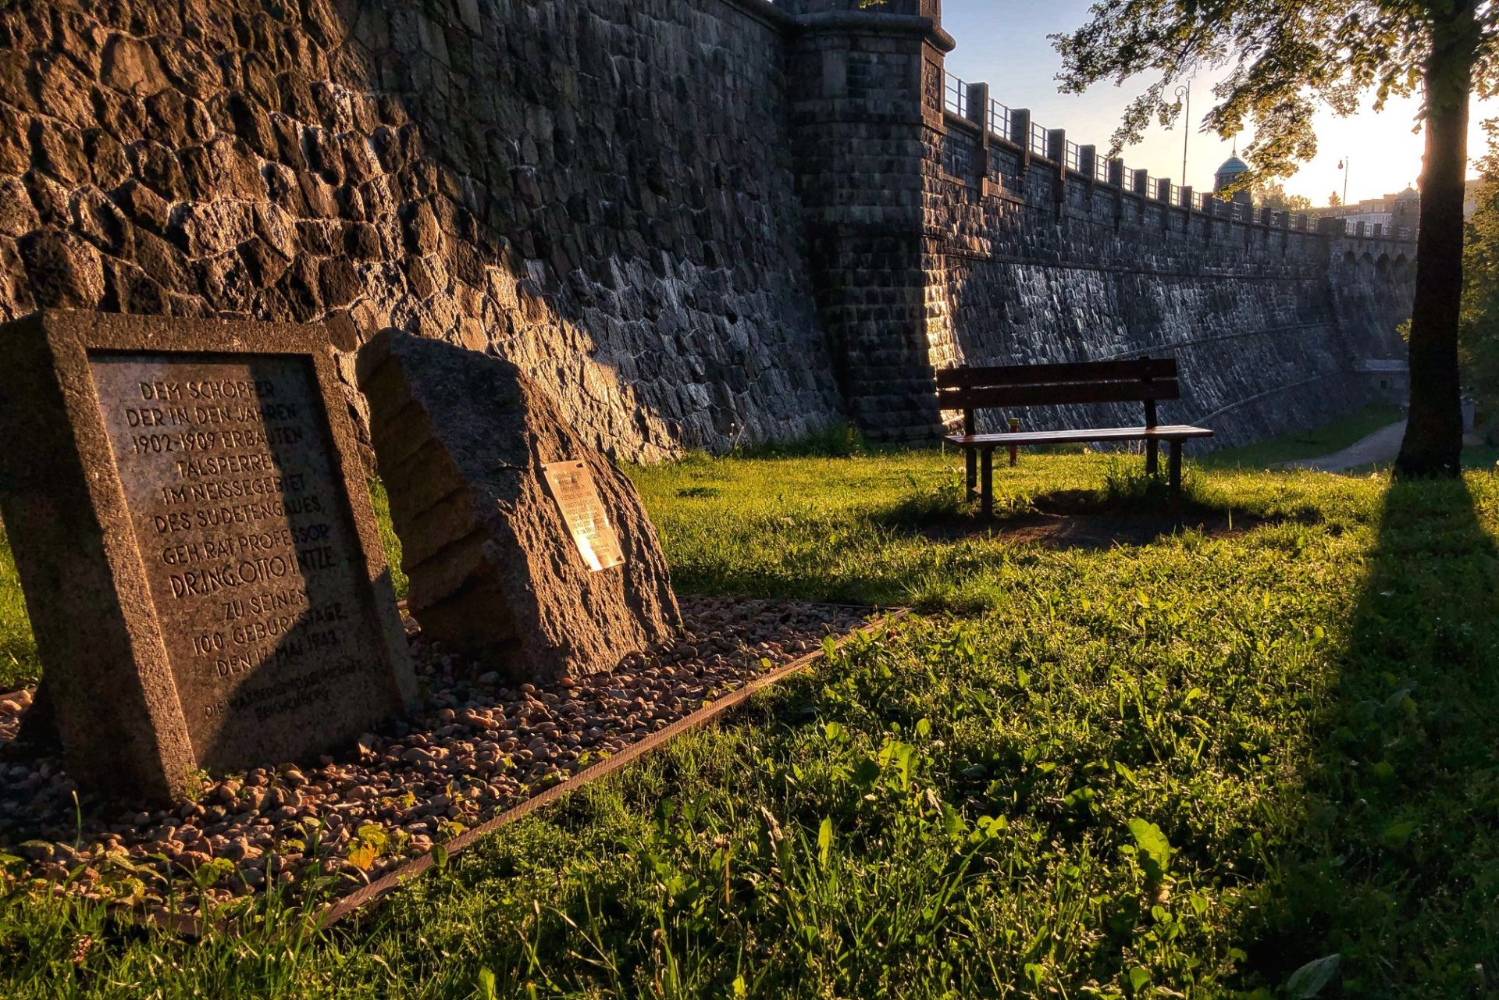 Pamětní kámen Otto Intze - stavitele přehrady Mšeno - v parku pod hrází v Jablonci nad Nisou